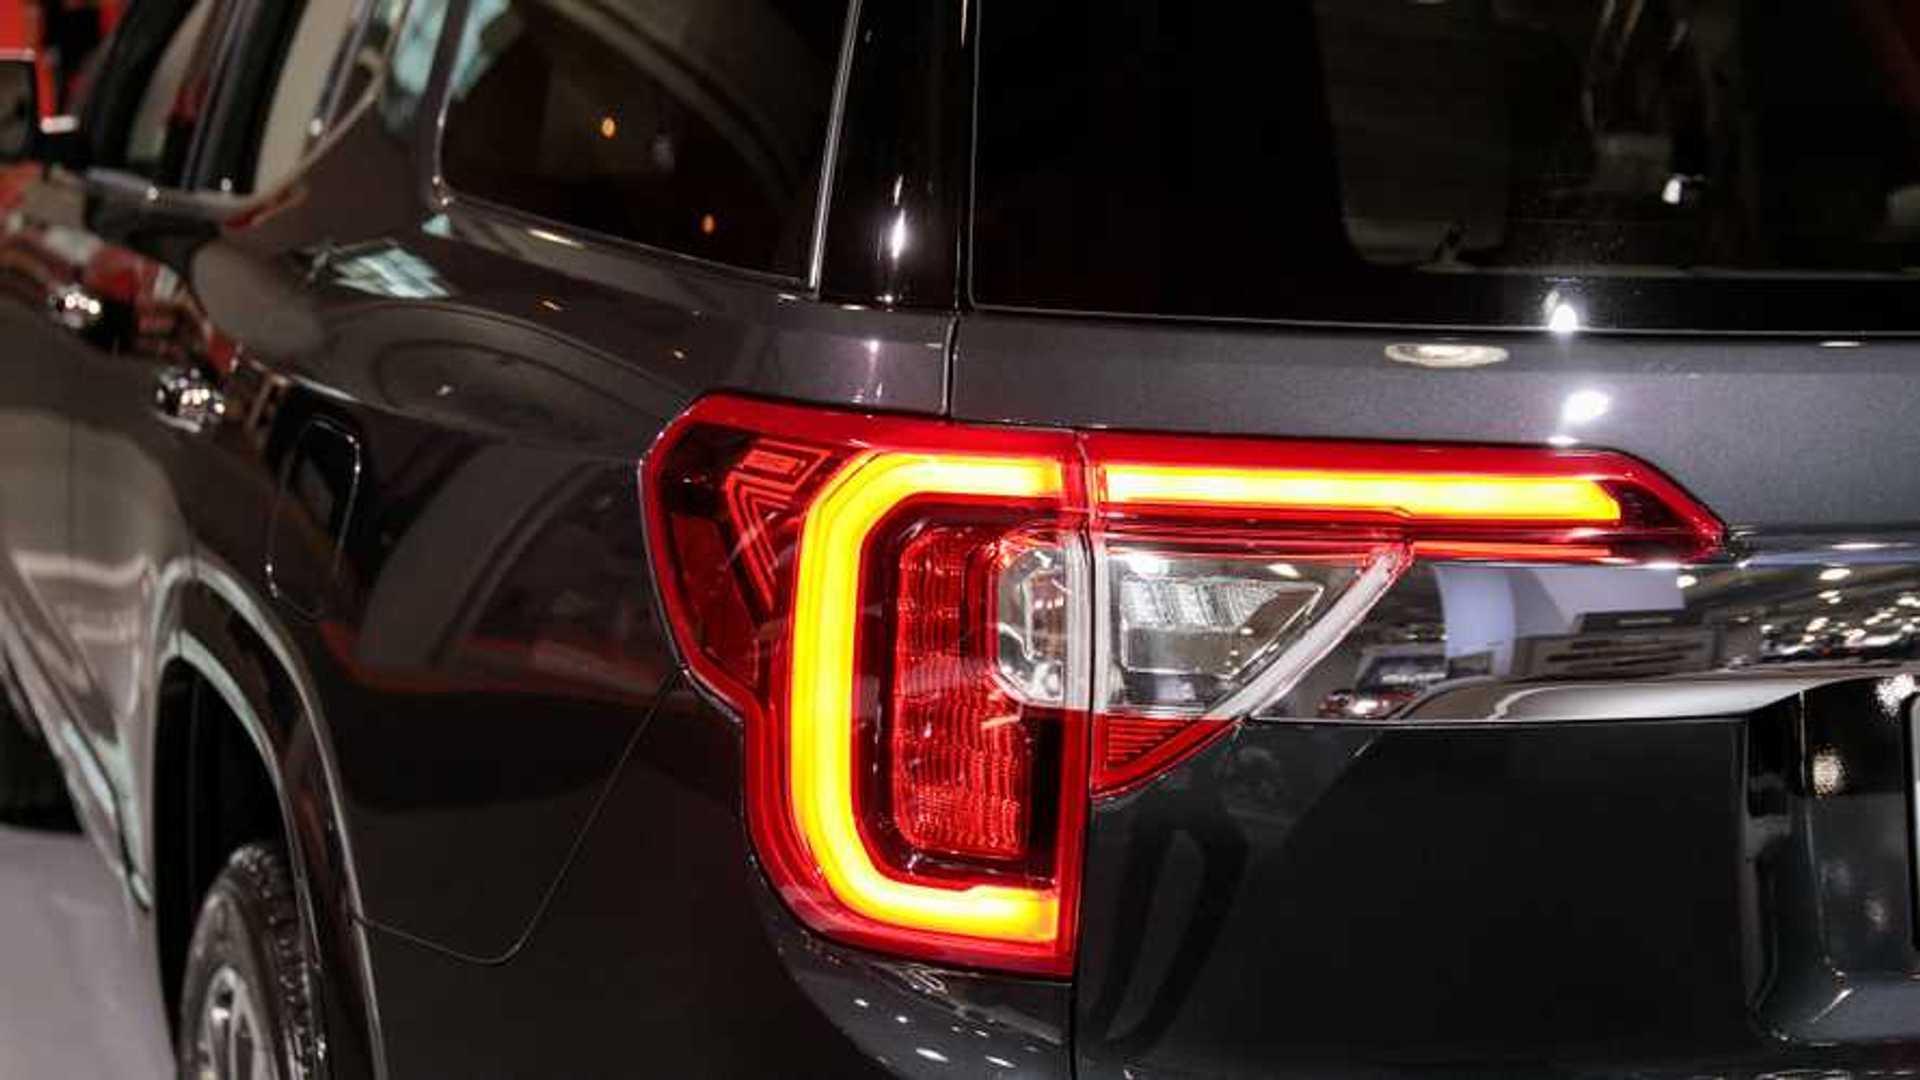 2020 GMC Acadia Taillight Design Hides A Little Secret